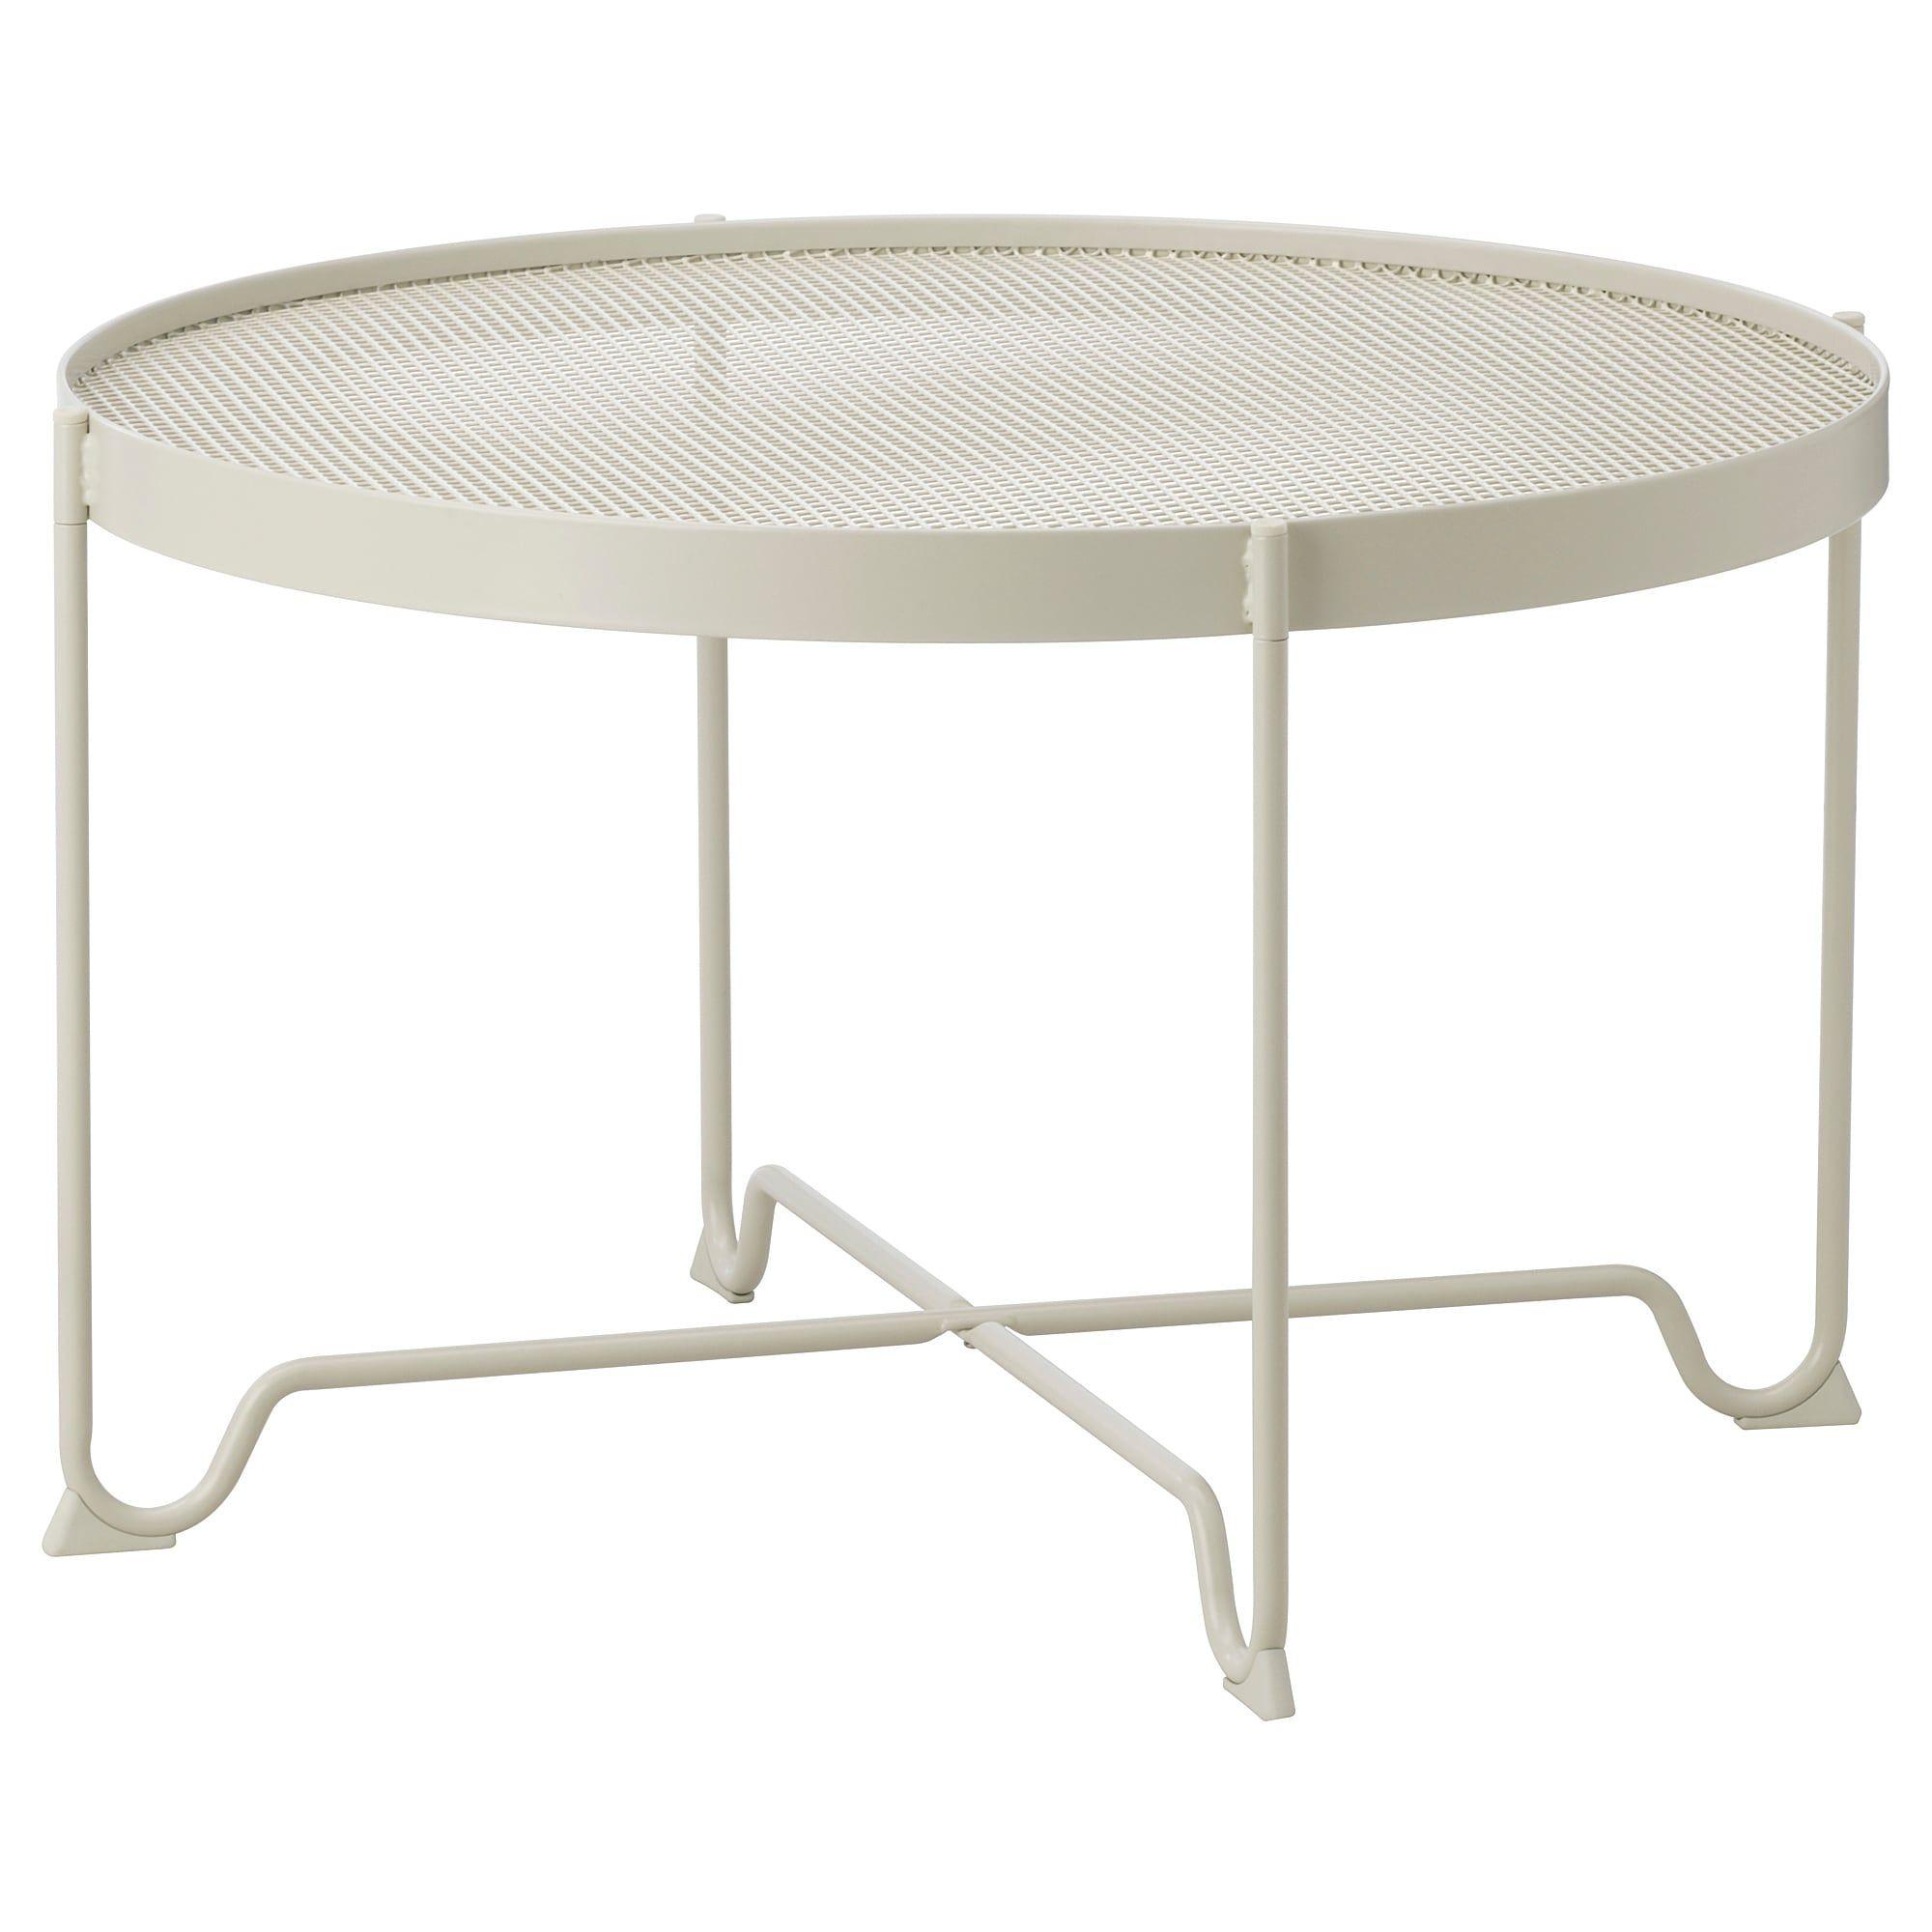 KROKHOLMEN Coffee Table, Outdoor   IKEA